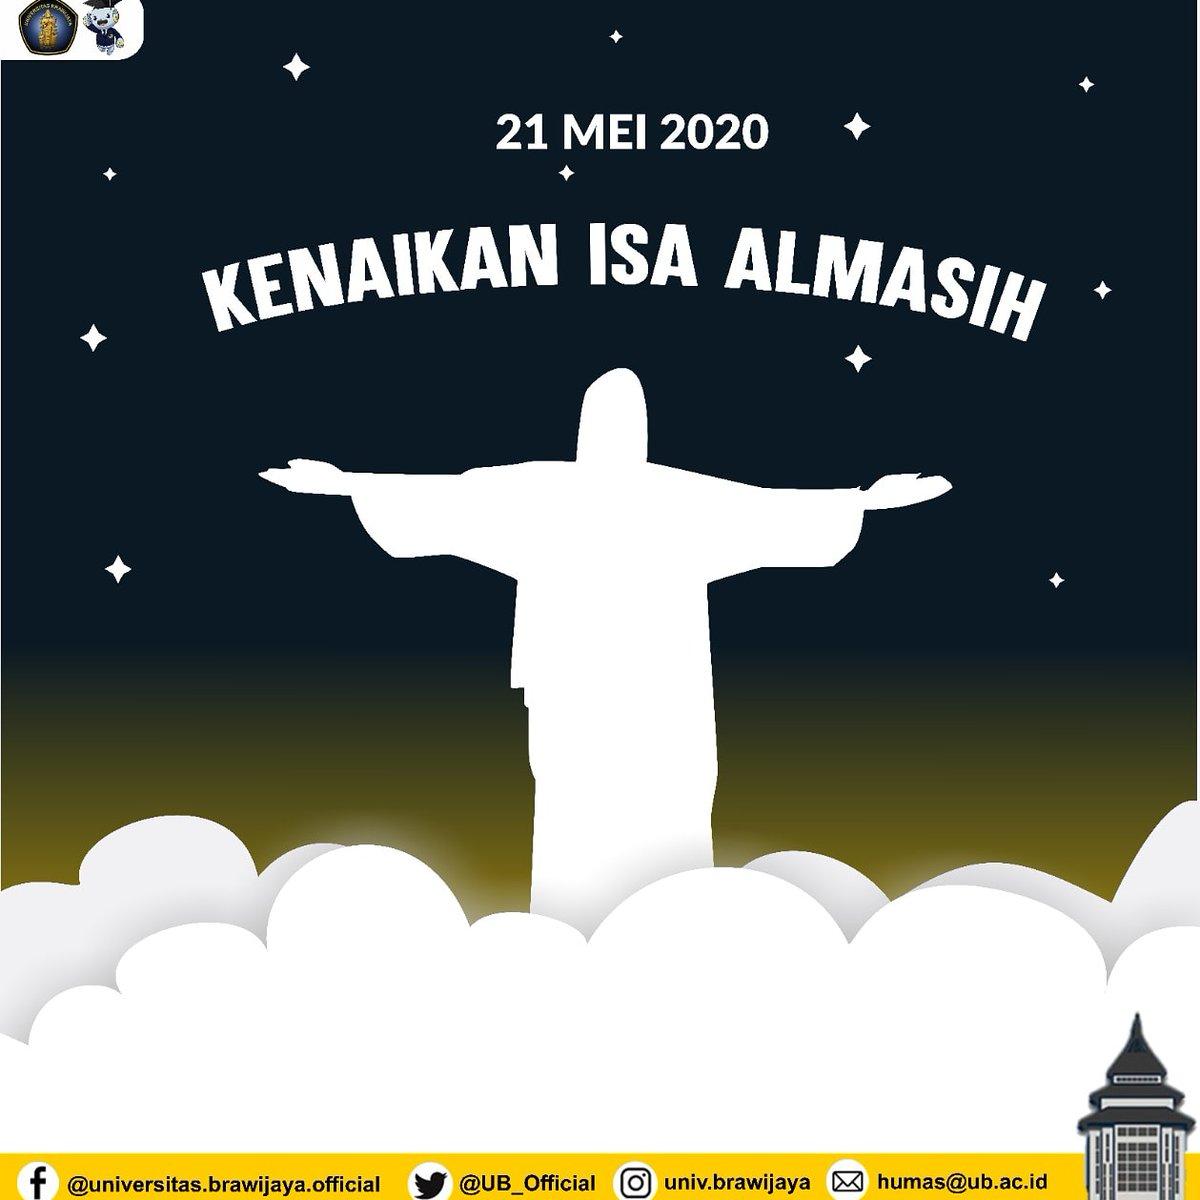 Selamat memperingati Kenaikan Isa Almasih, dear #TemanUB yang merayakan.  Semoga kasih-Nya selalu mendampingi kita semua.  #UniversitasBrawijaya #KampusUB #KenaikanIsaAlmasih